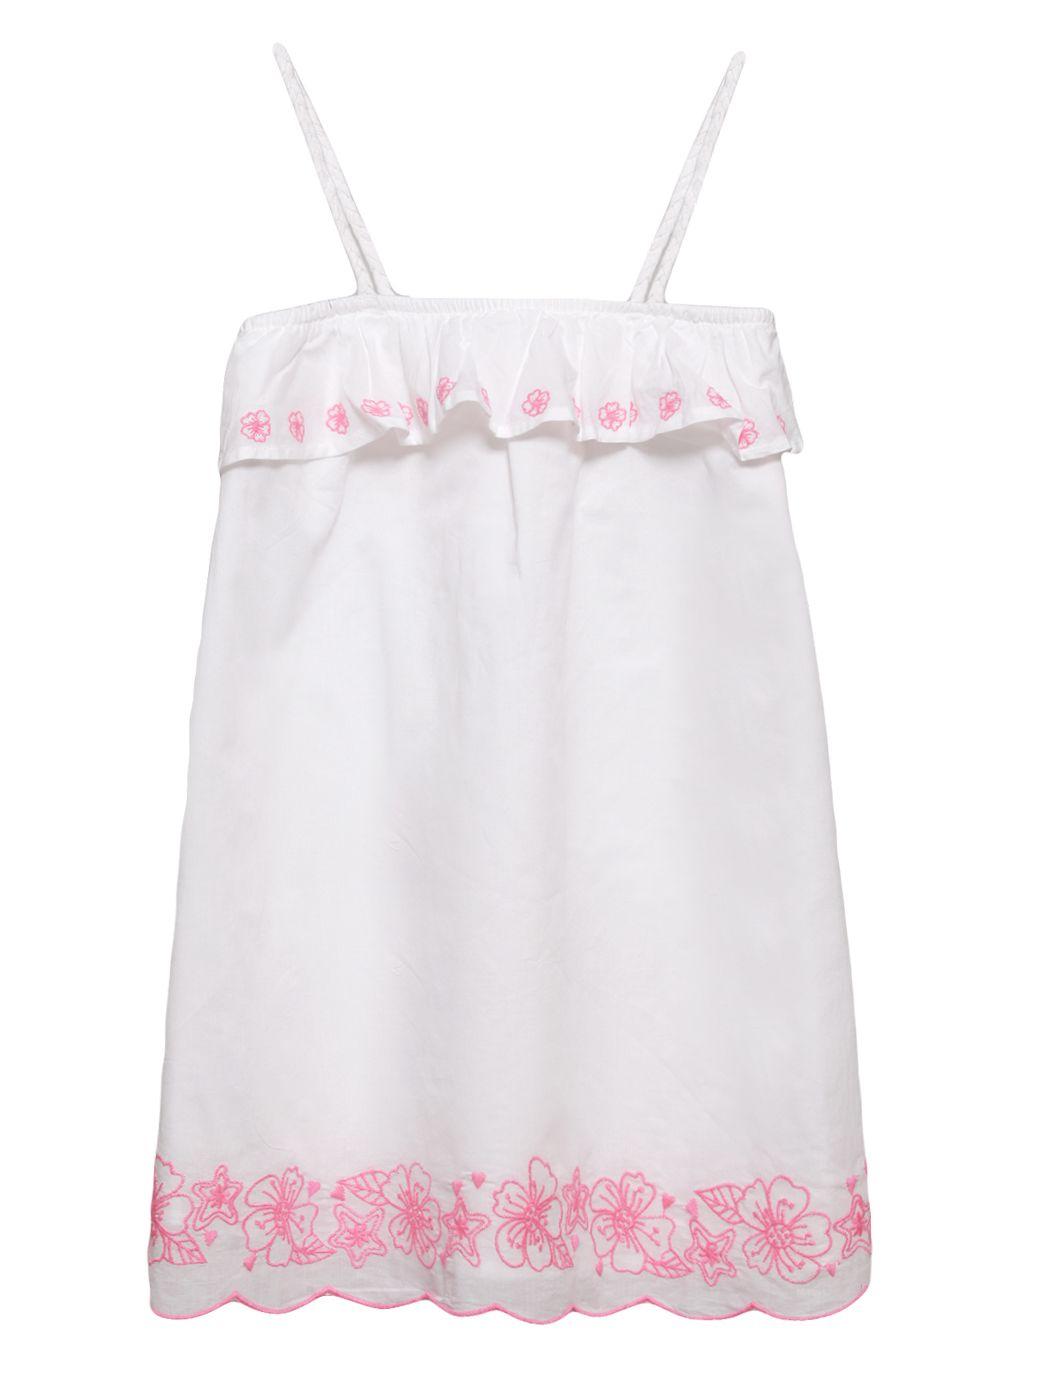 Купить Платье Original Marines, белый, 104, Девочки, весна